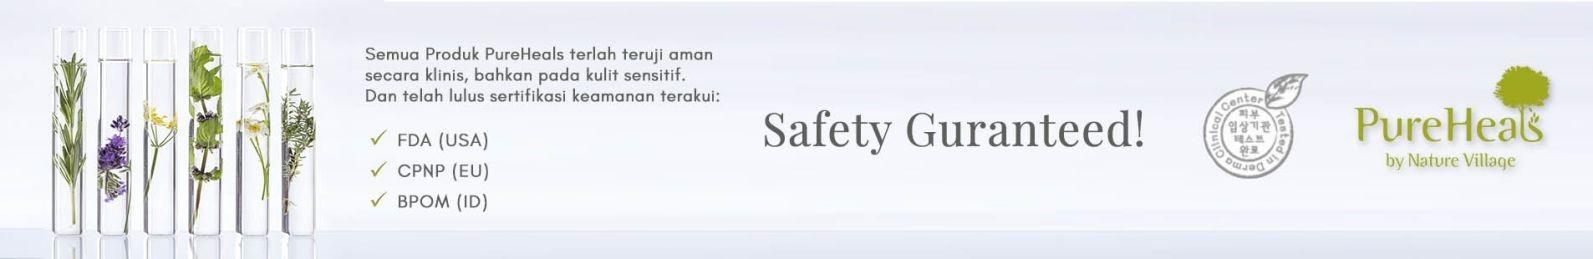 PureHeals Indonesia